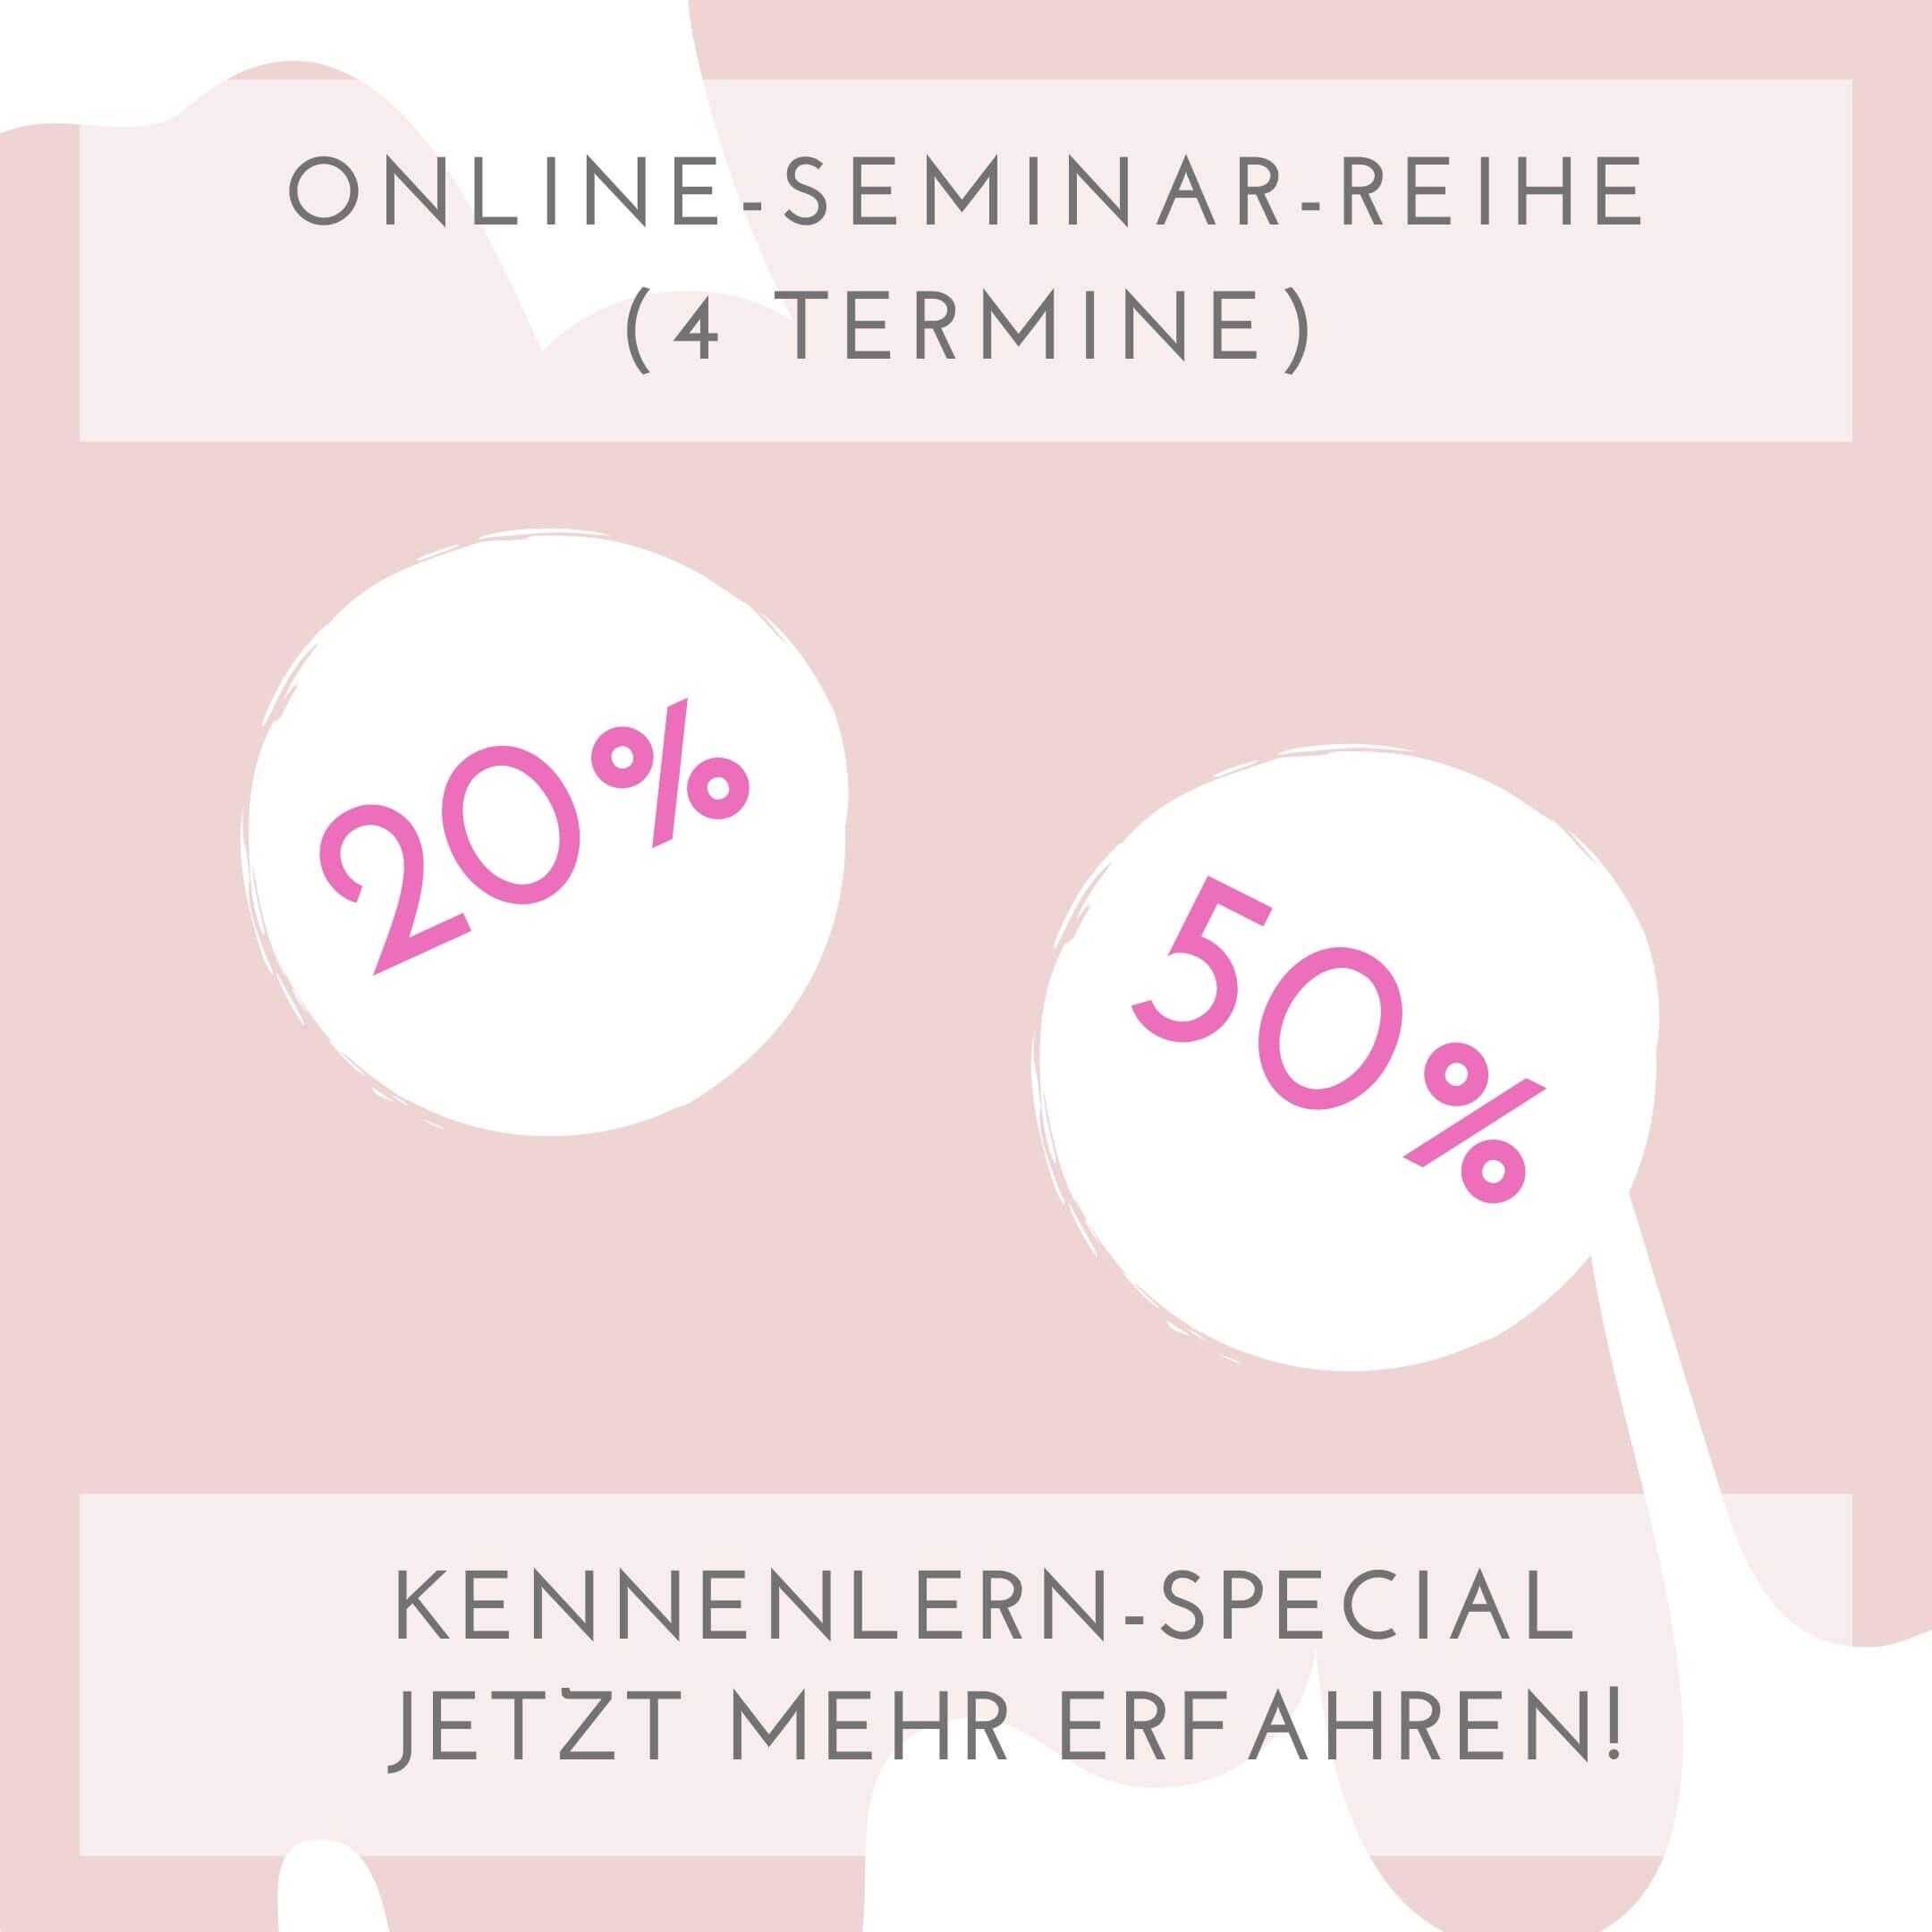 Kennenlernen-Special mit Rabatt bis zu 50%